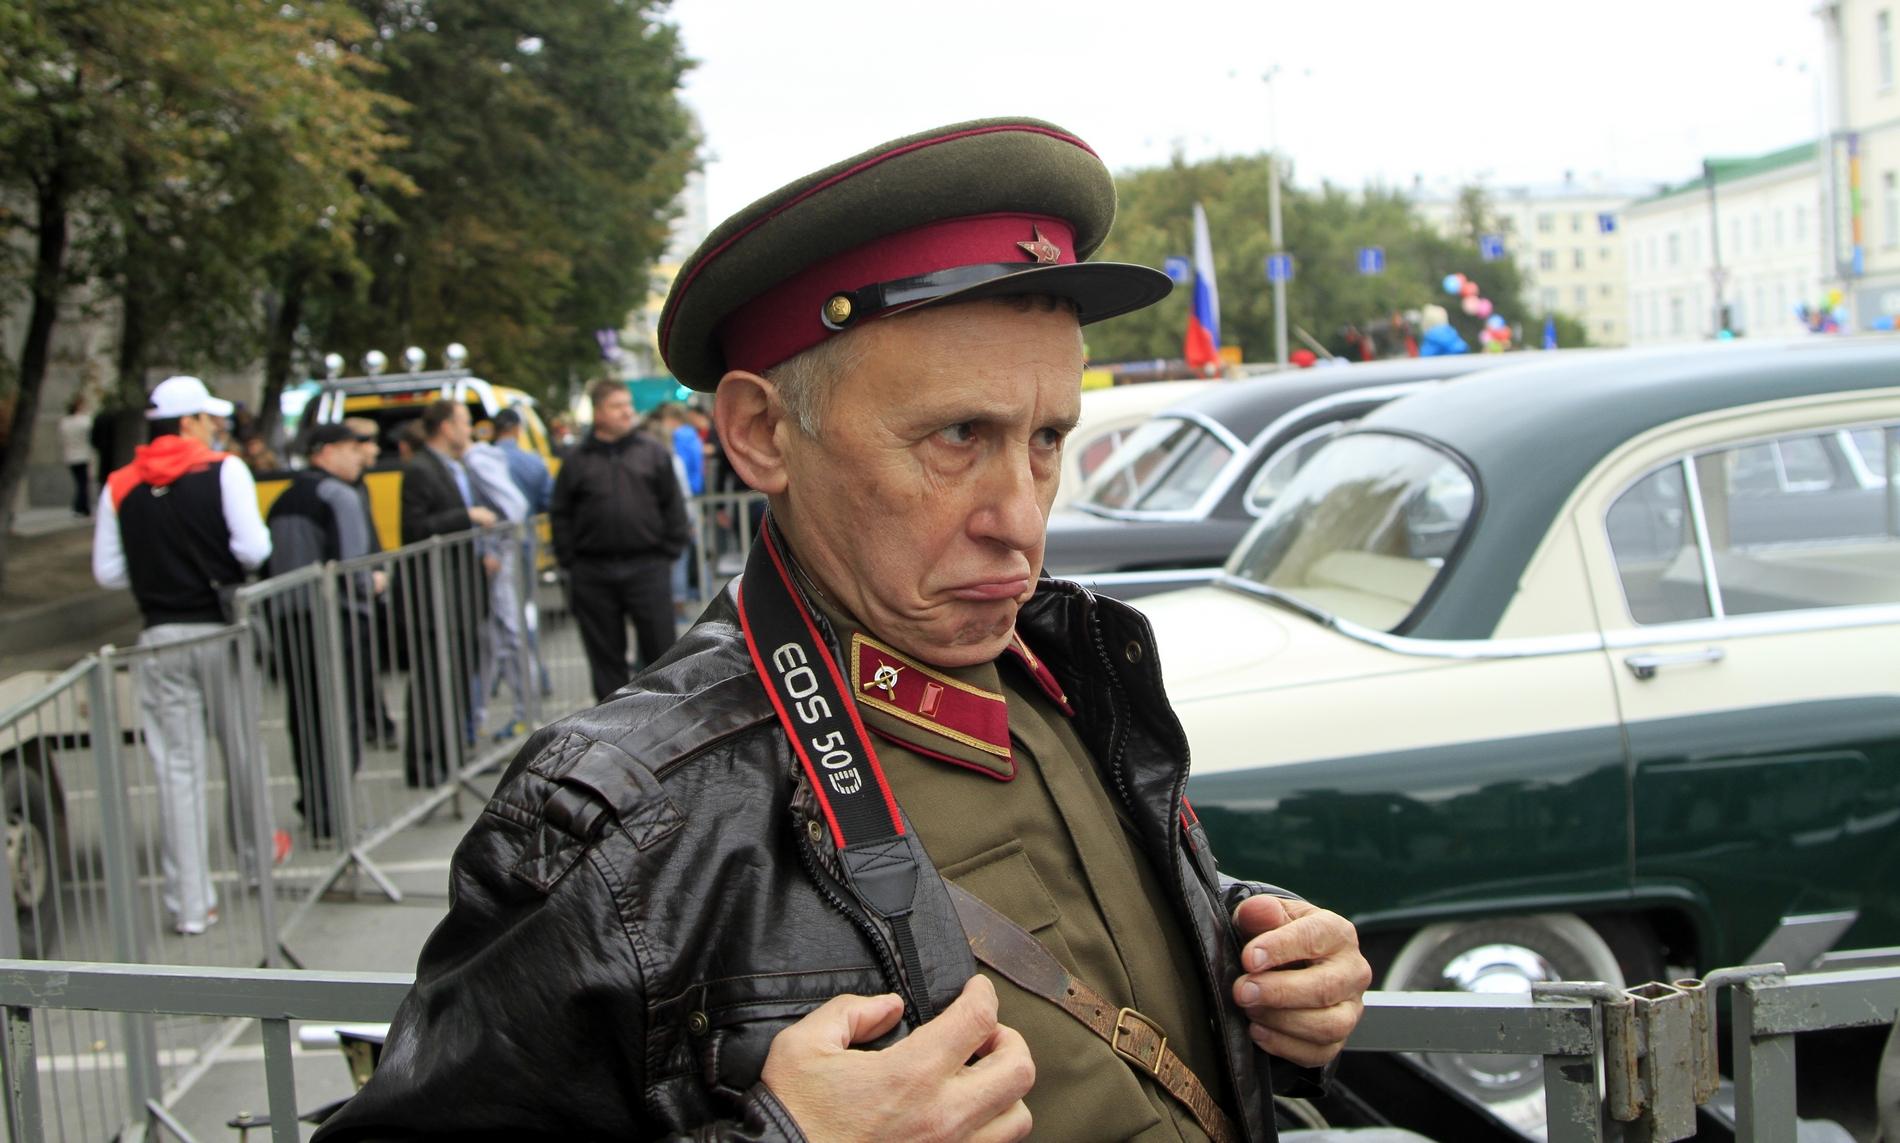 Ралли олдтаймеров: в бой пошли одни старики